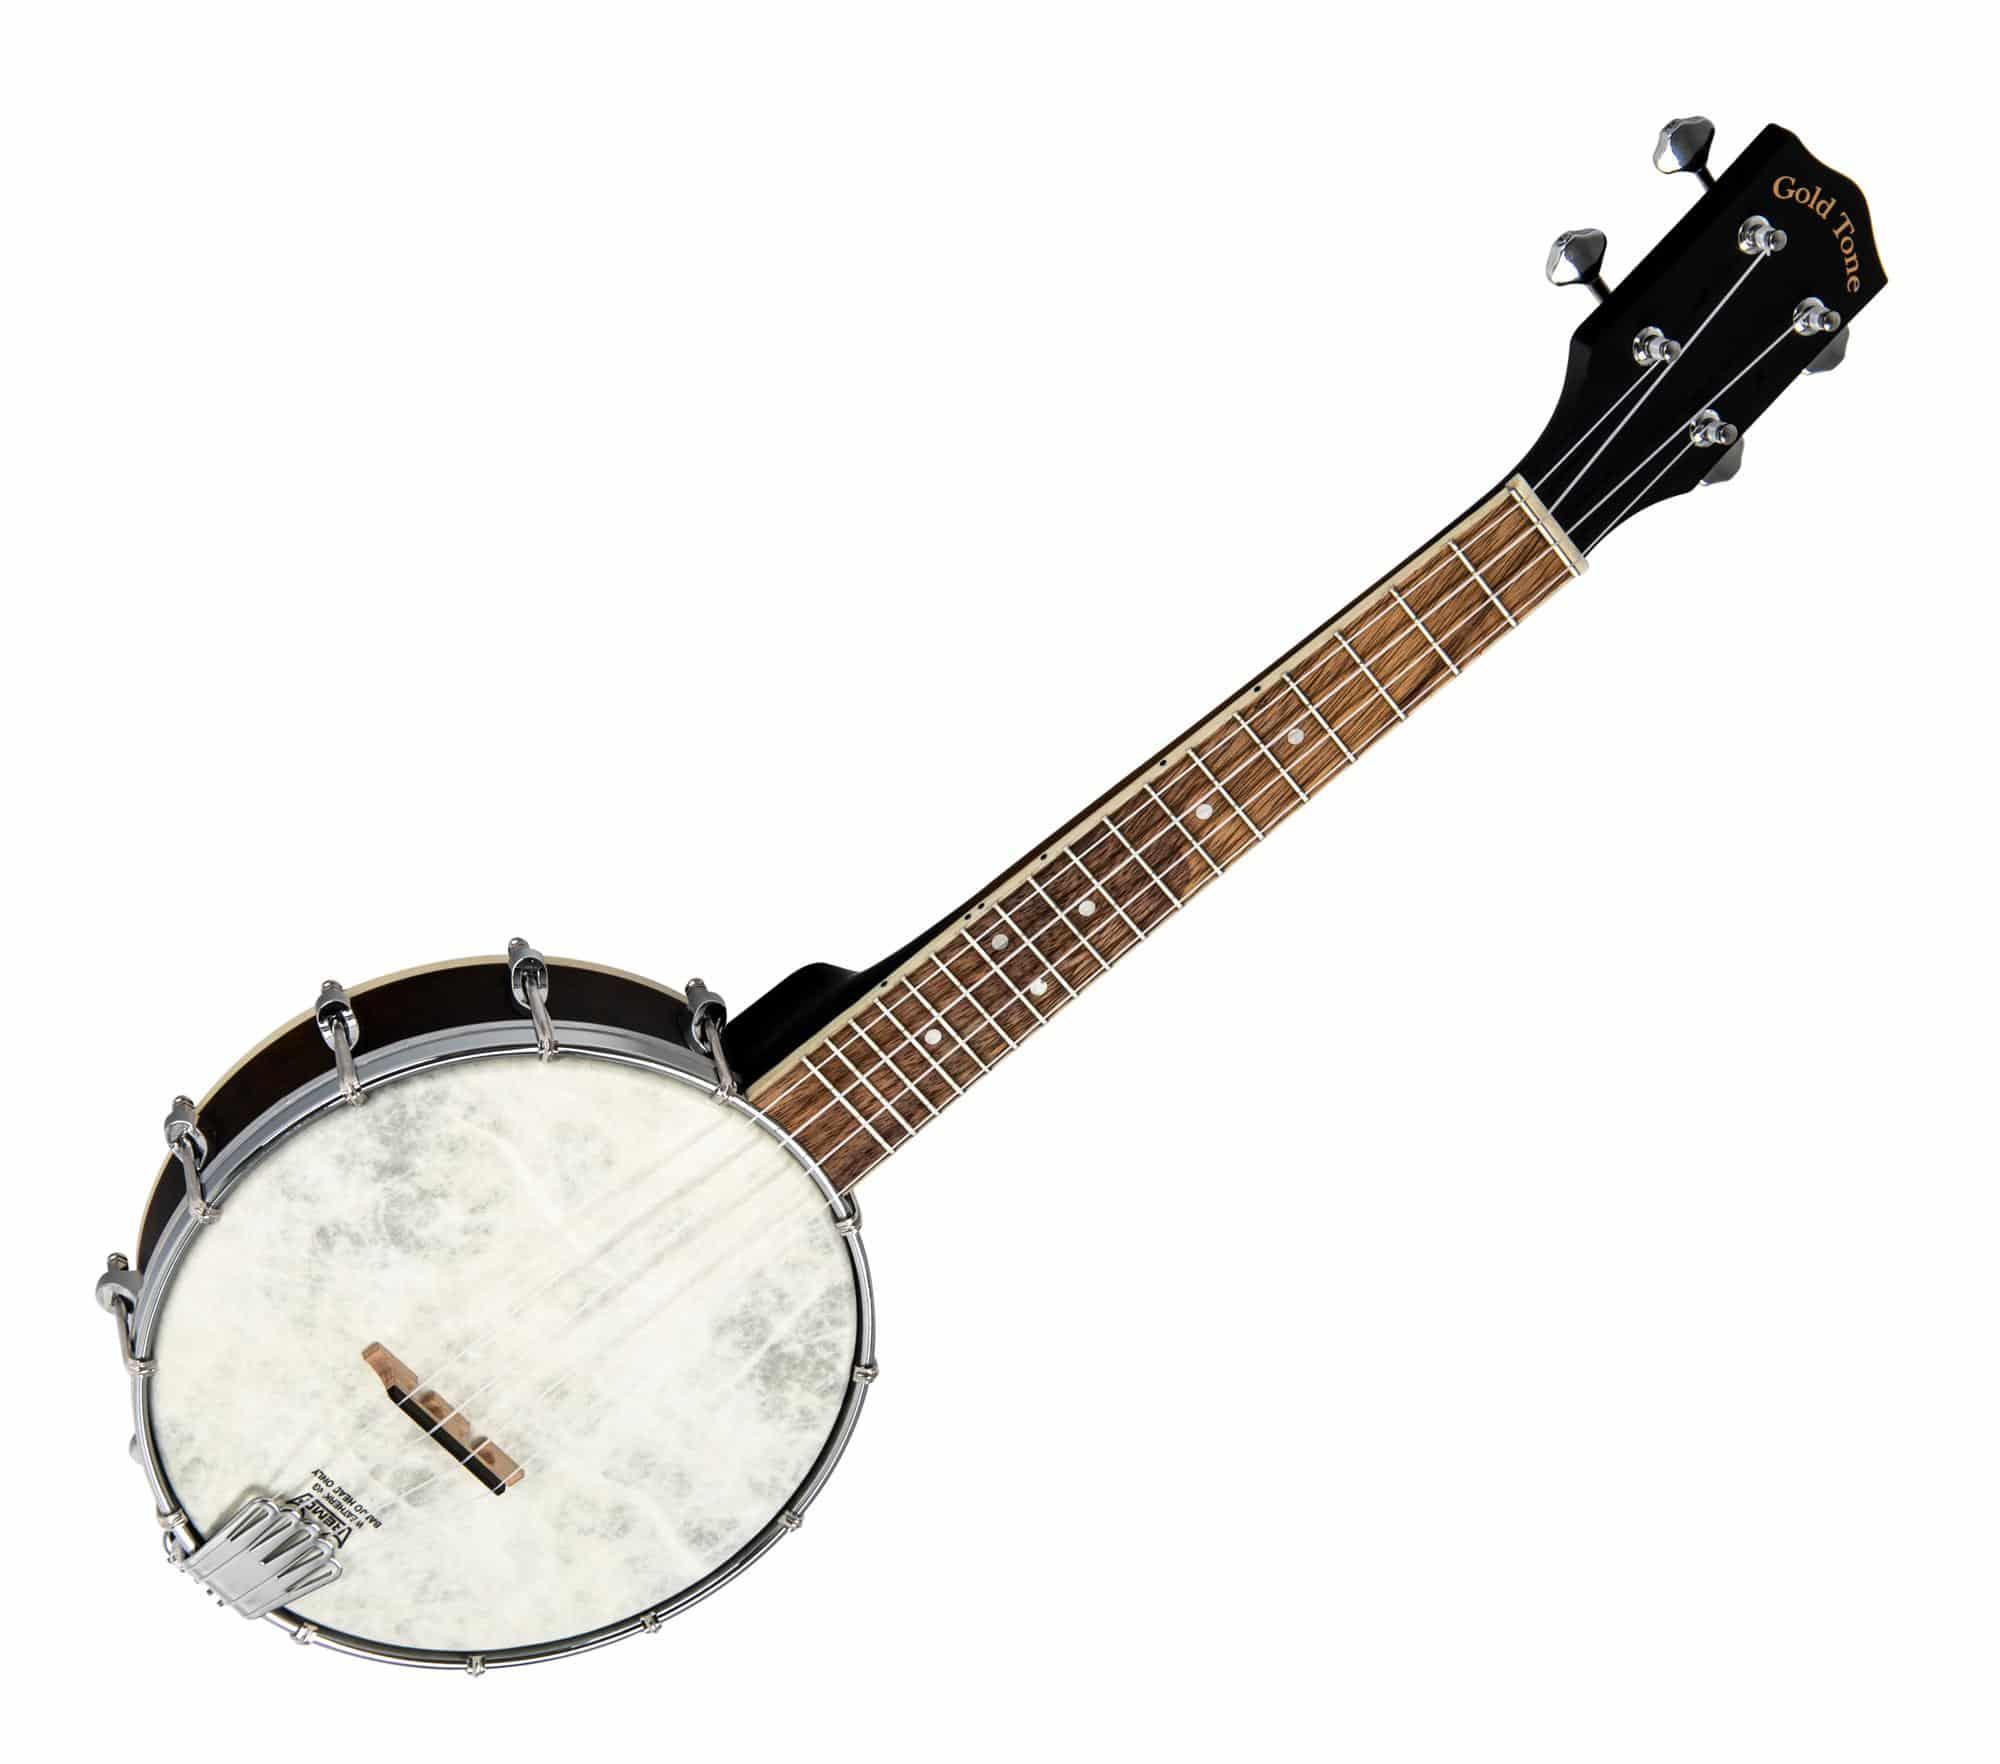 Gold Tone BU 1 Concert Scale Banjo Ukulele